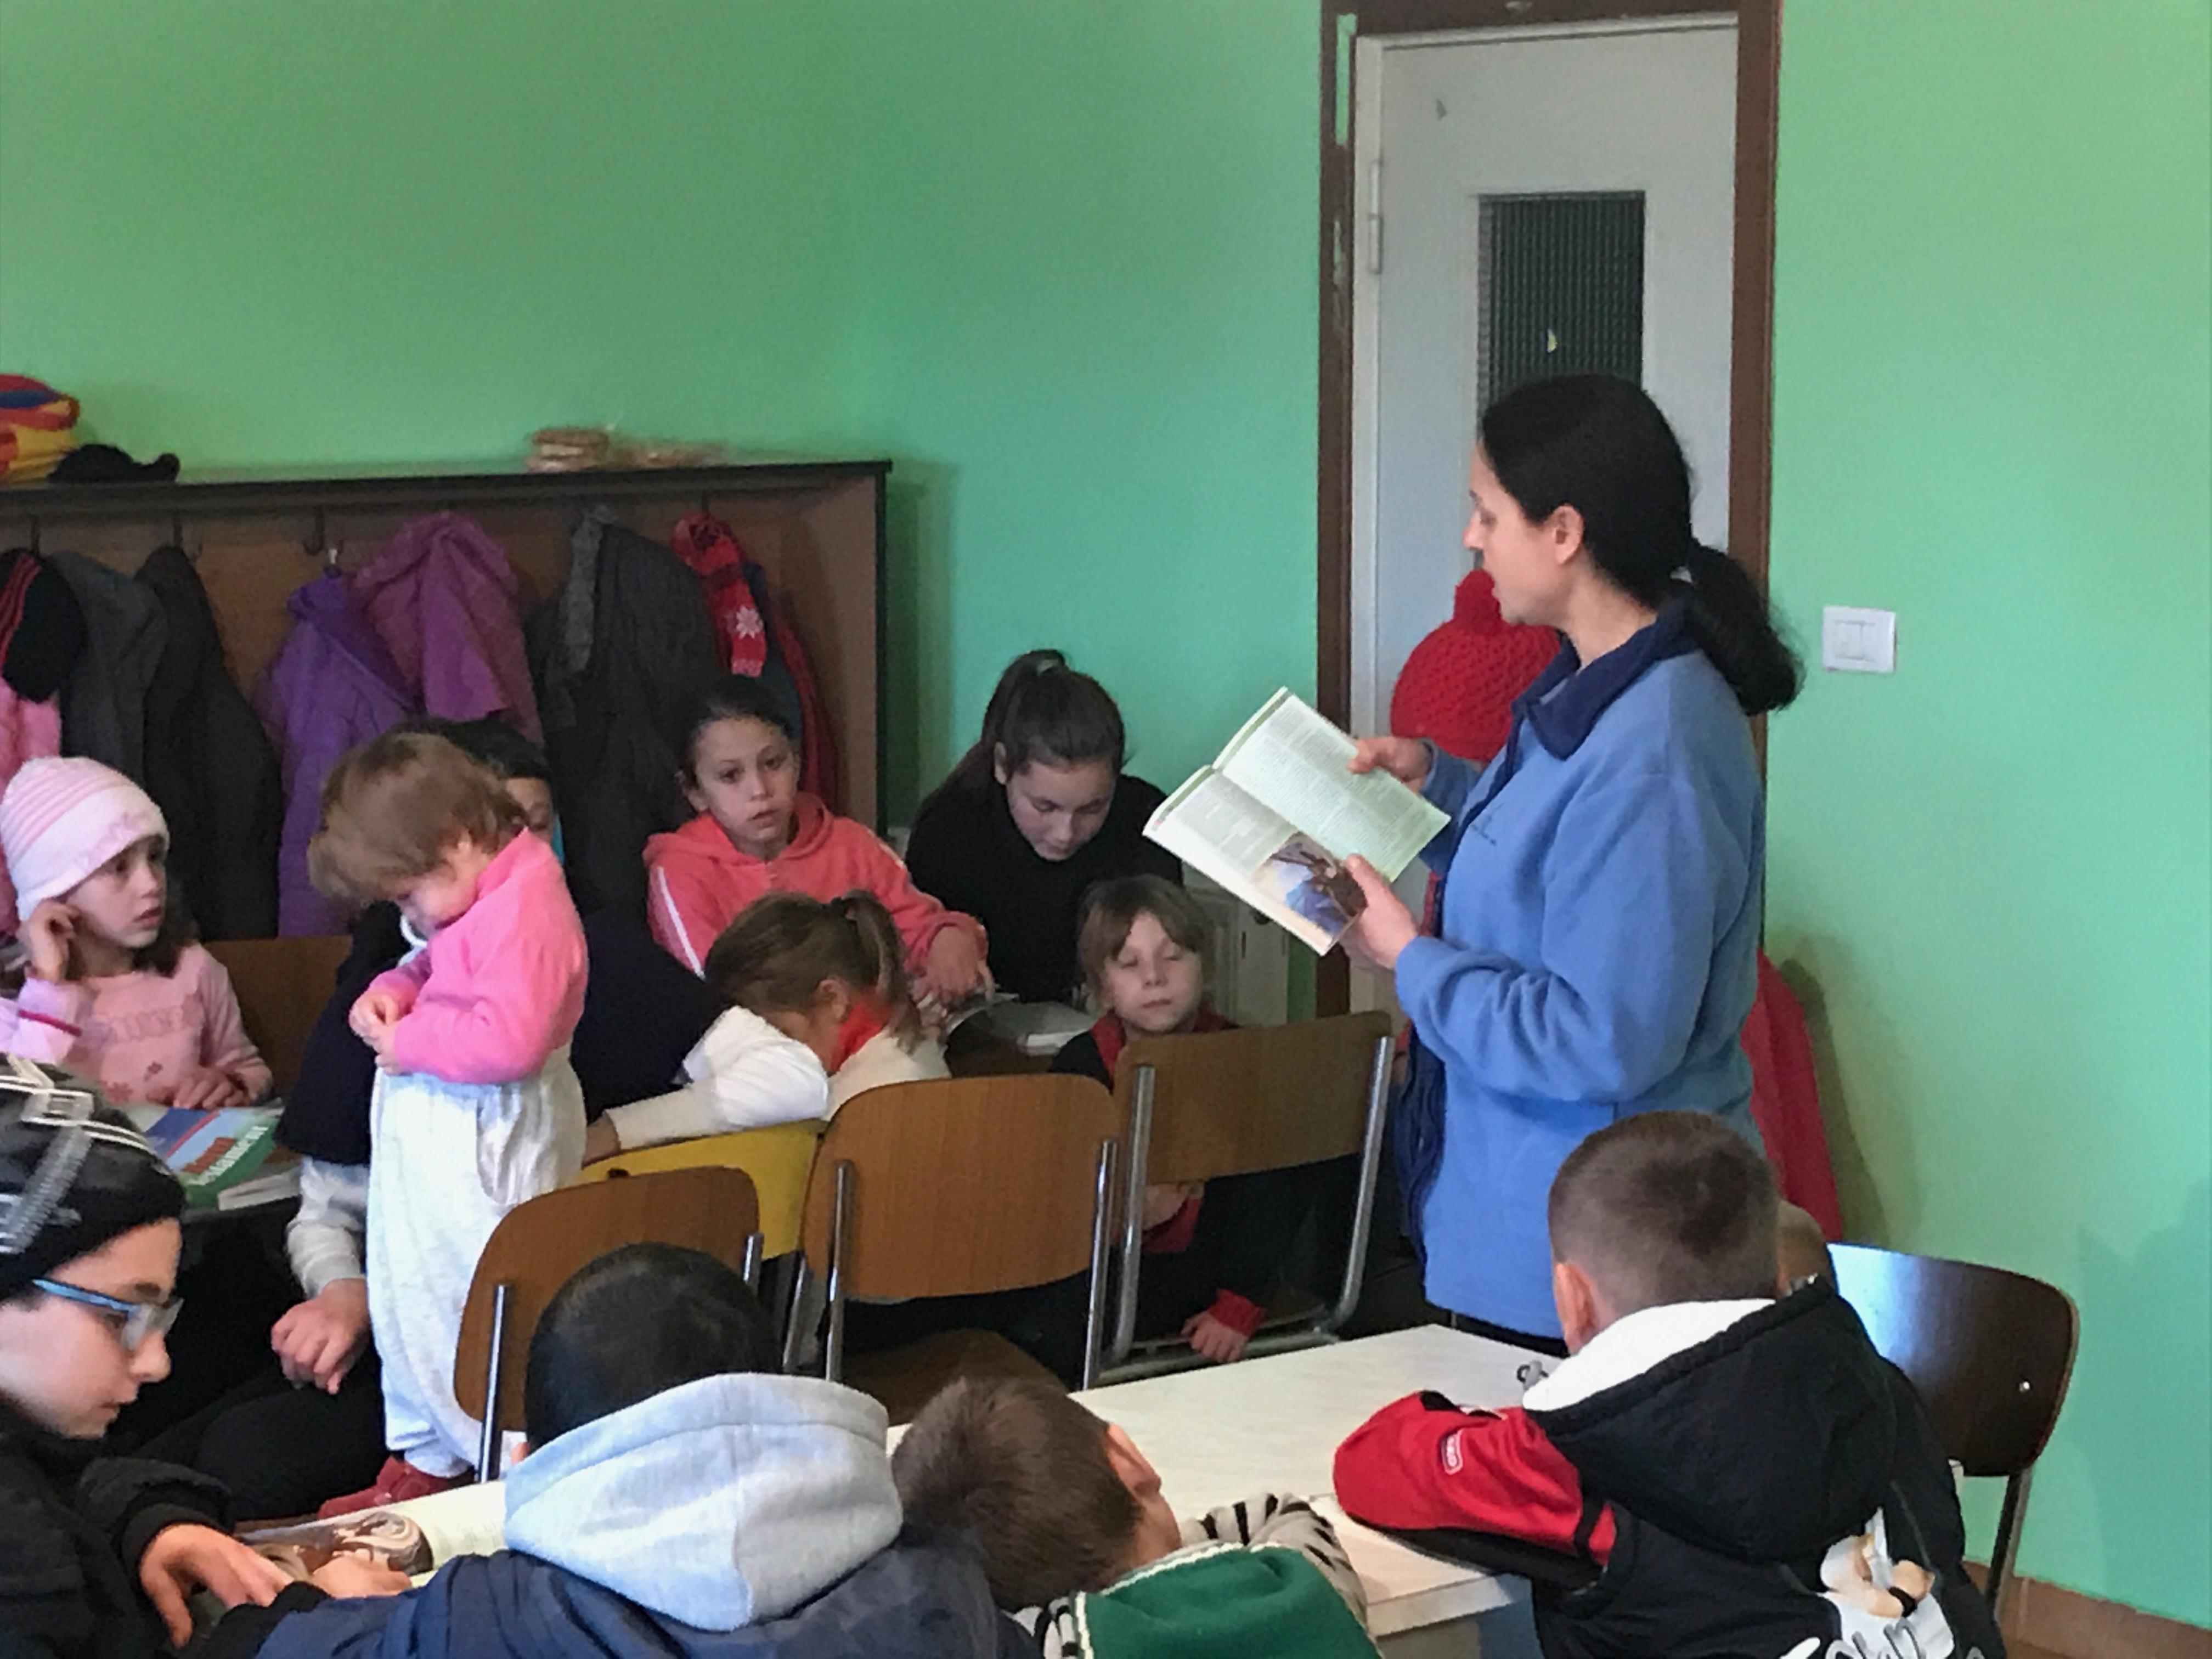 Mihaela continua la lezione sul vangelo di Luca.